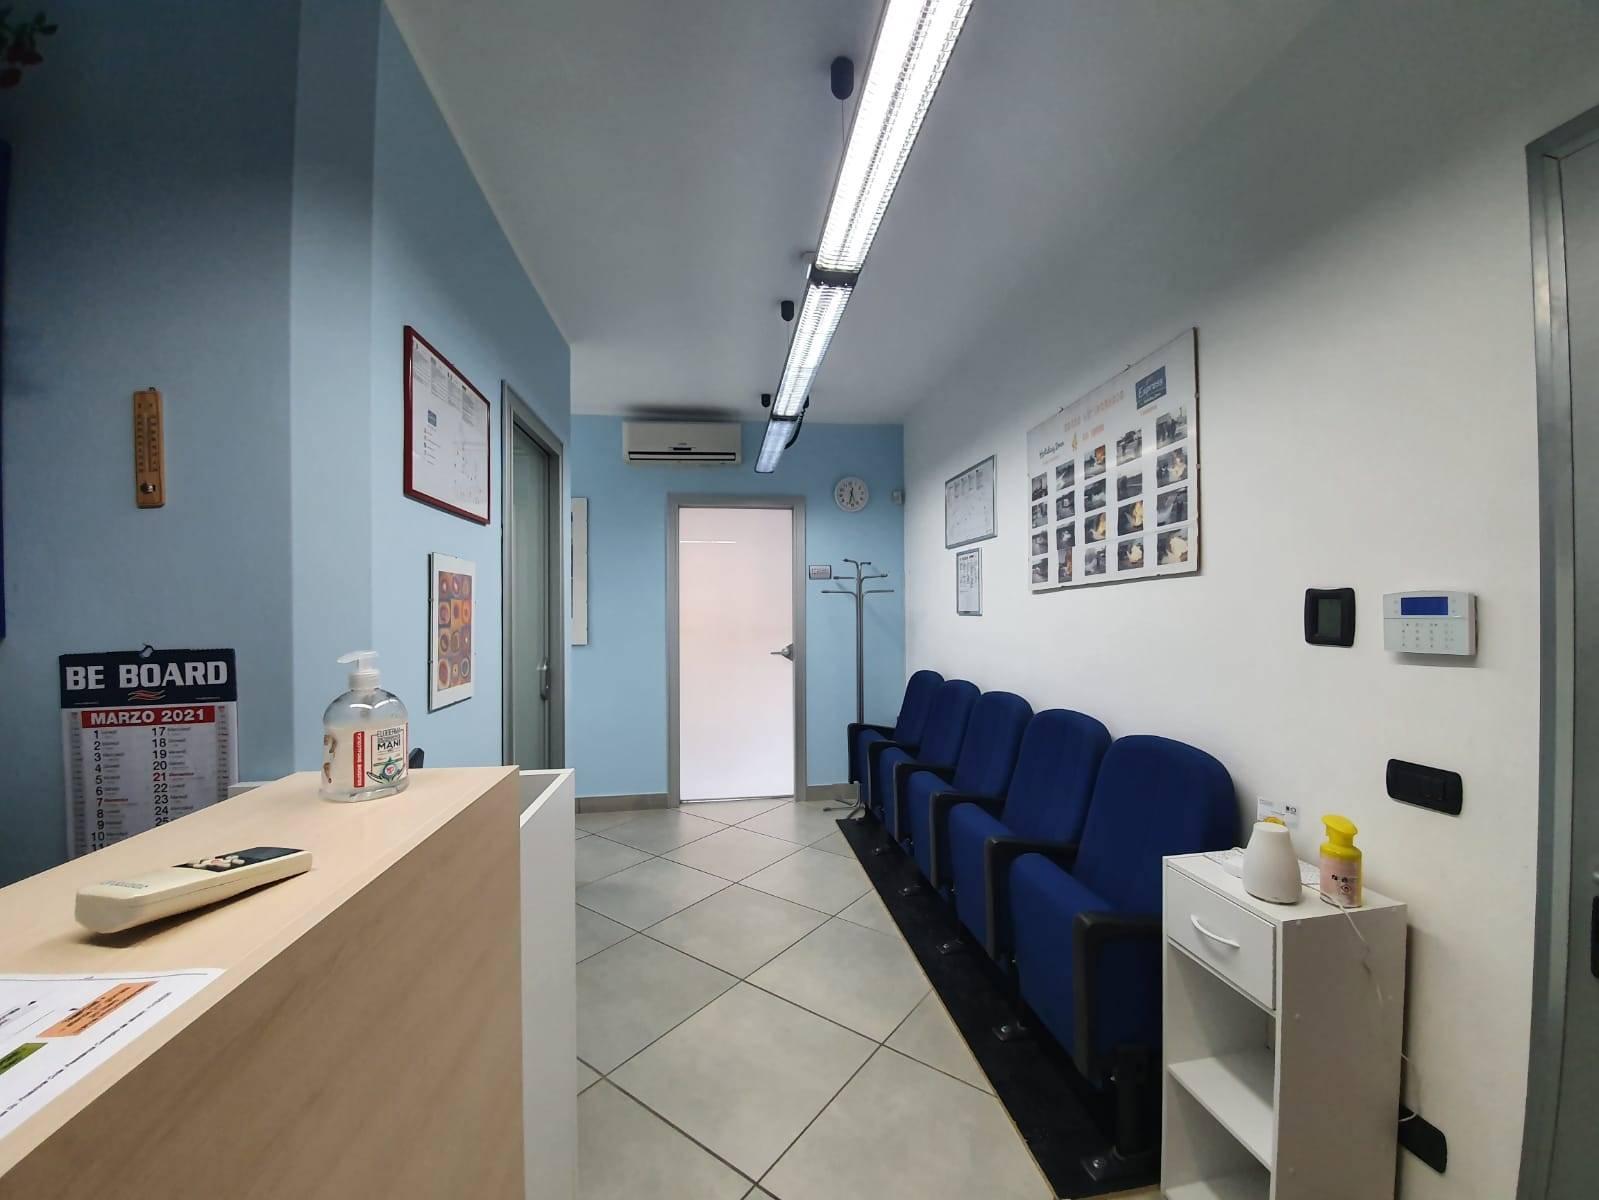 Ufficio / Studio in affitto a Fiano Romano, 5 locali, zona Località: CENTRO, prezzo € 950 | CambioCasa.it